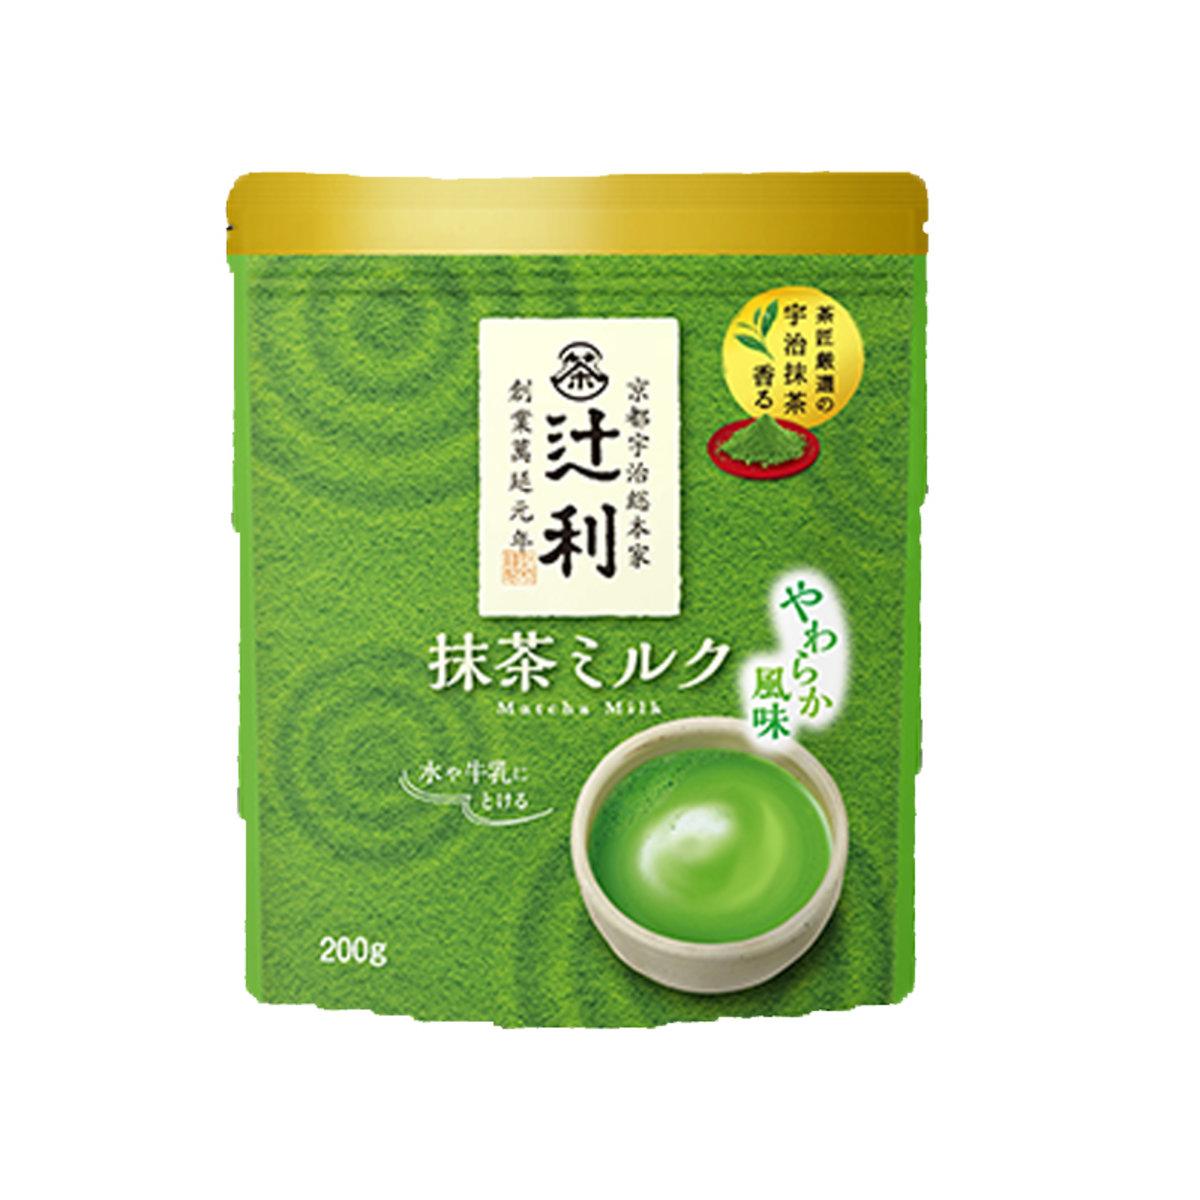 京都辻利宇治抹茶牛奶沖劑 200g  (4901305410197)